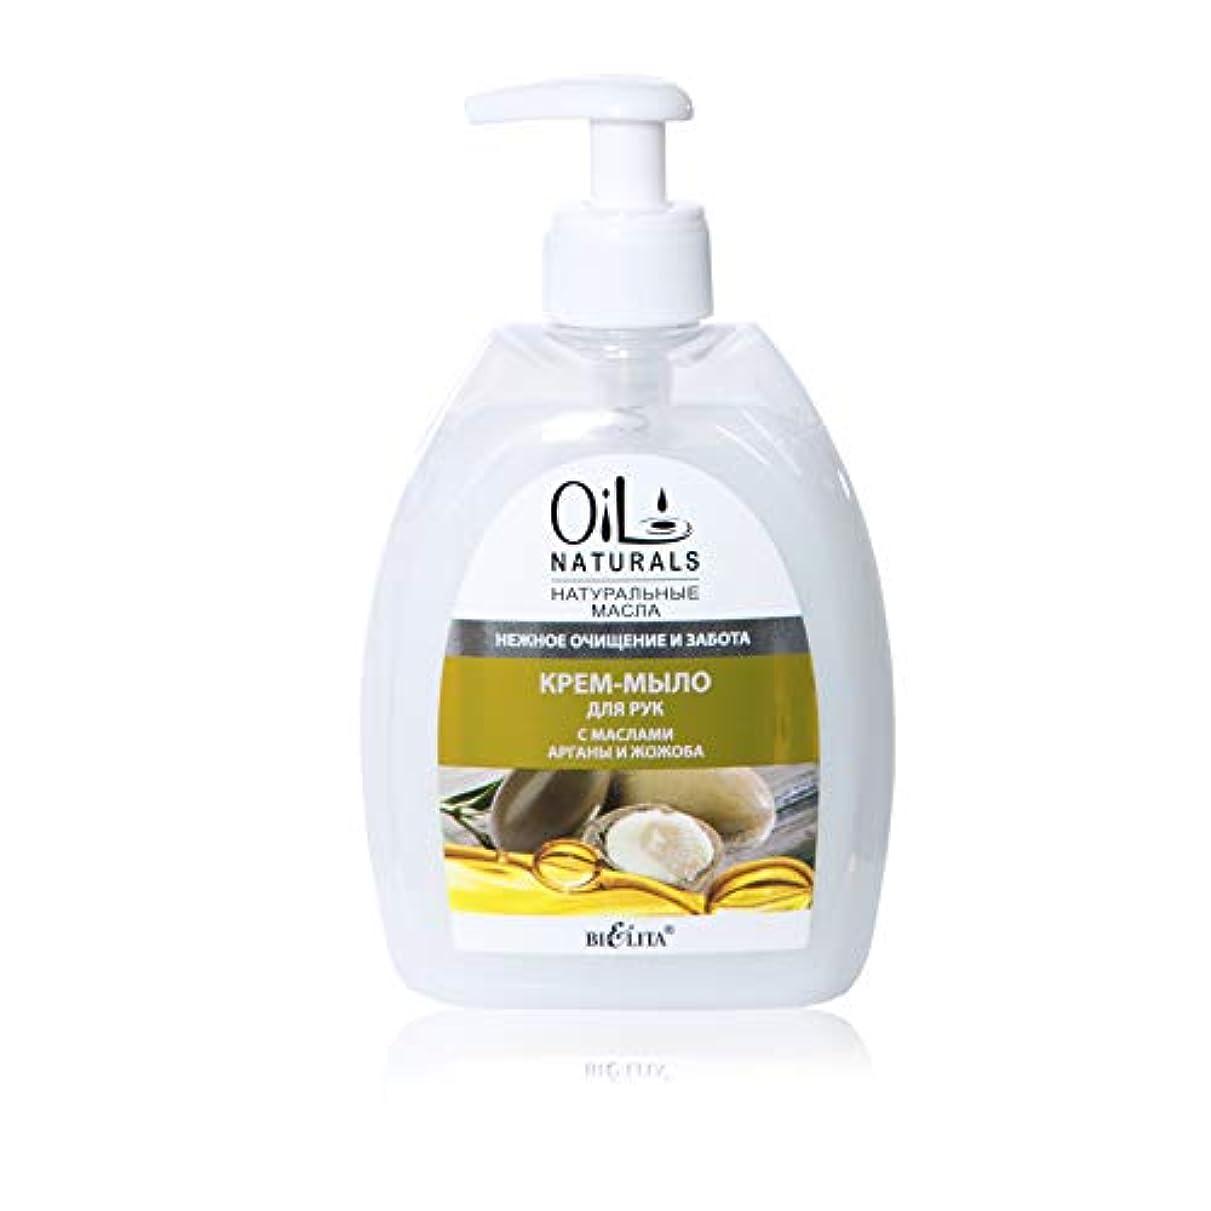 悲しいことに作曲家生態学Bielita & Vitex Oil Naturals Line   Gentle Cleansing & Care Hand Cream-Soap, 400 ml   Argan Oil, Silk Proteins...